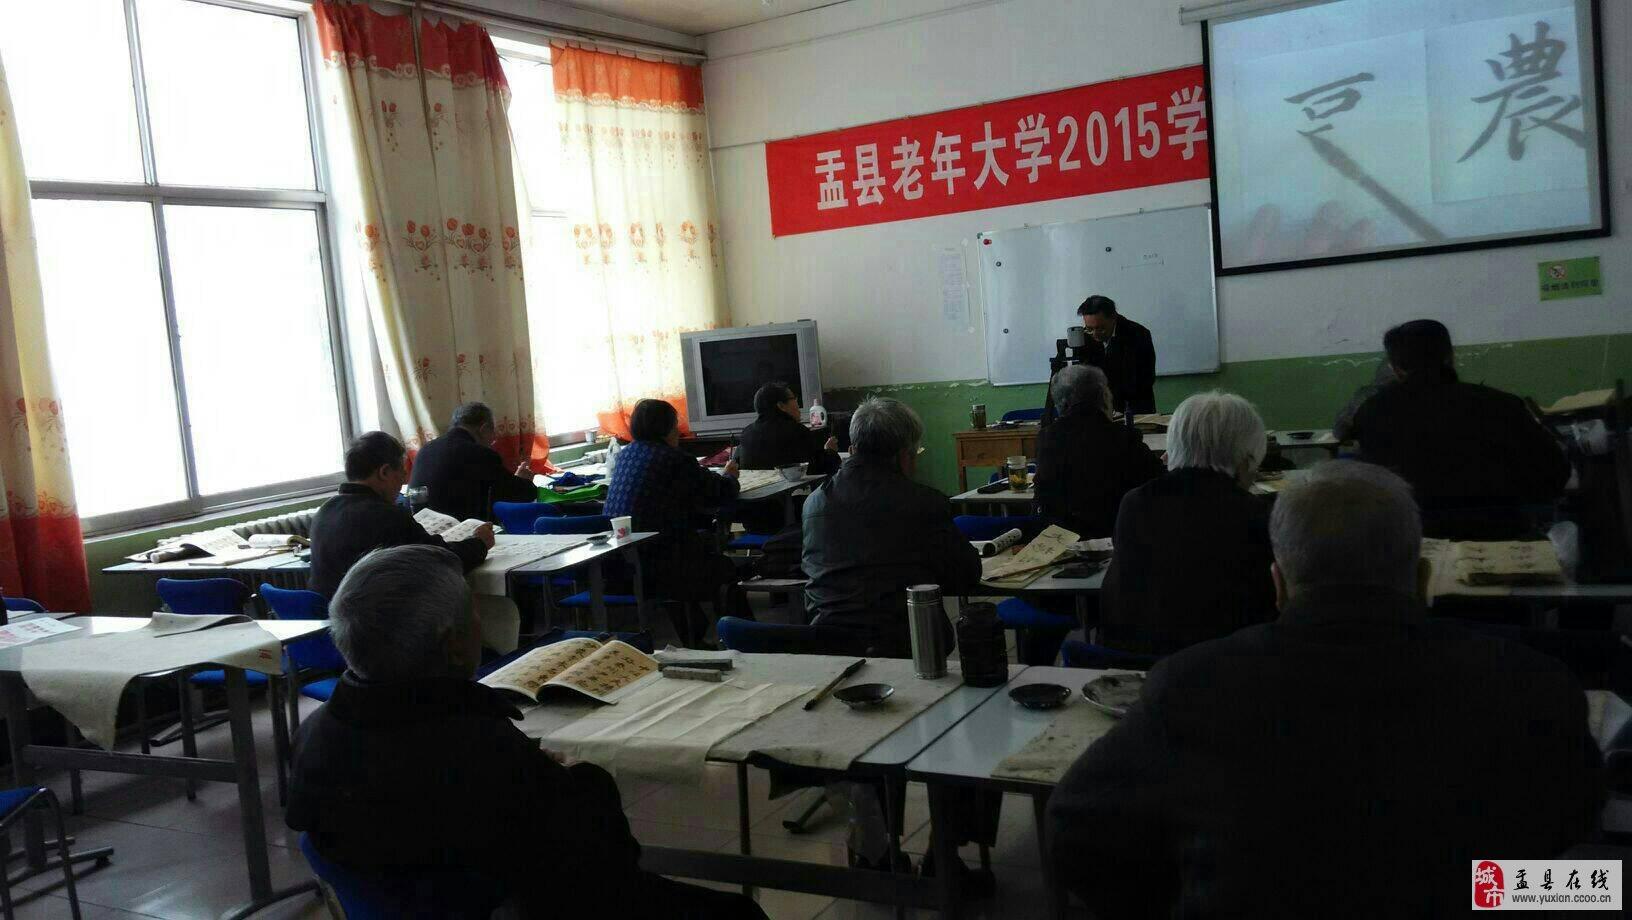 老年大学书法课堂_书法教育图片